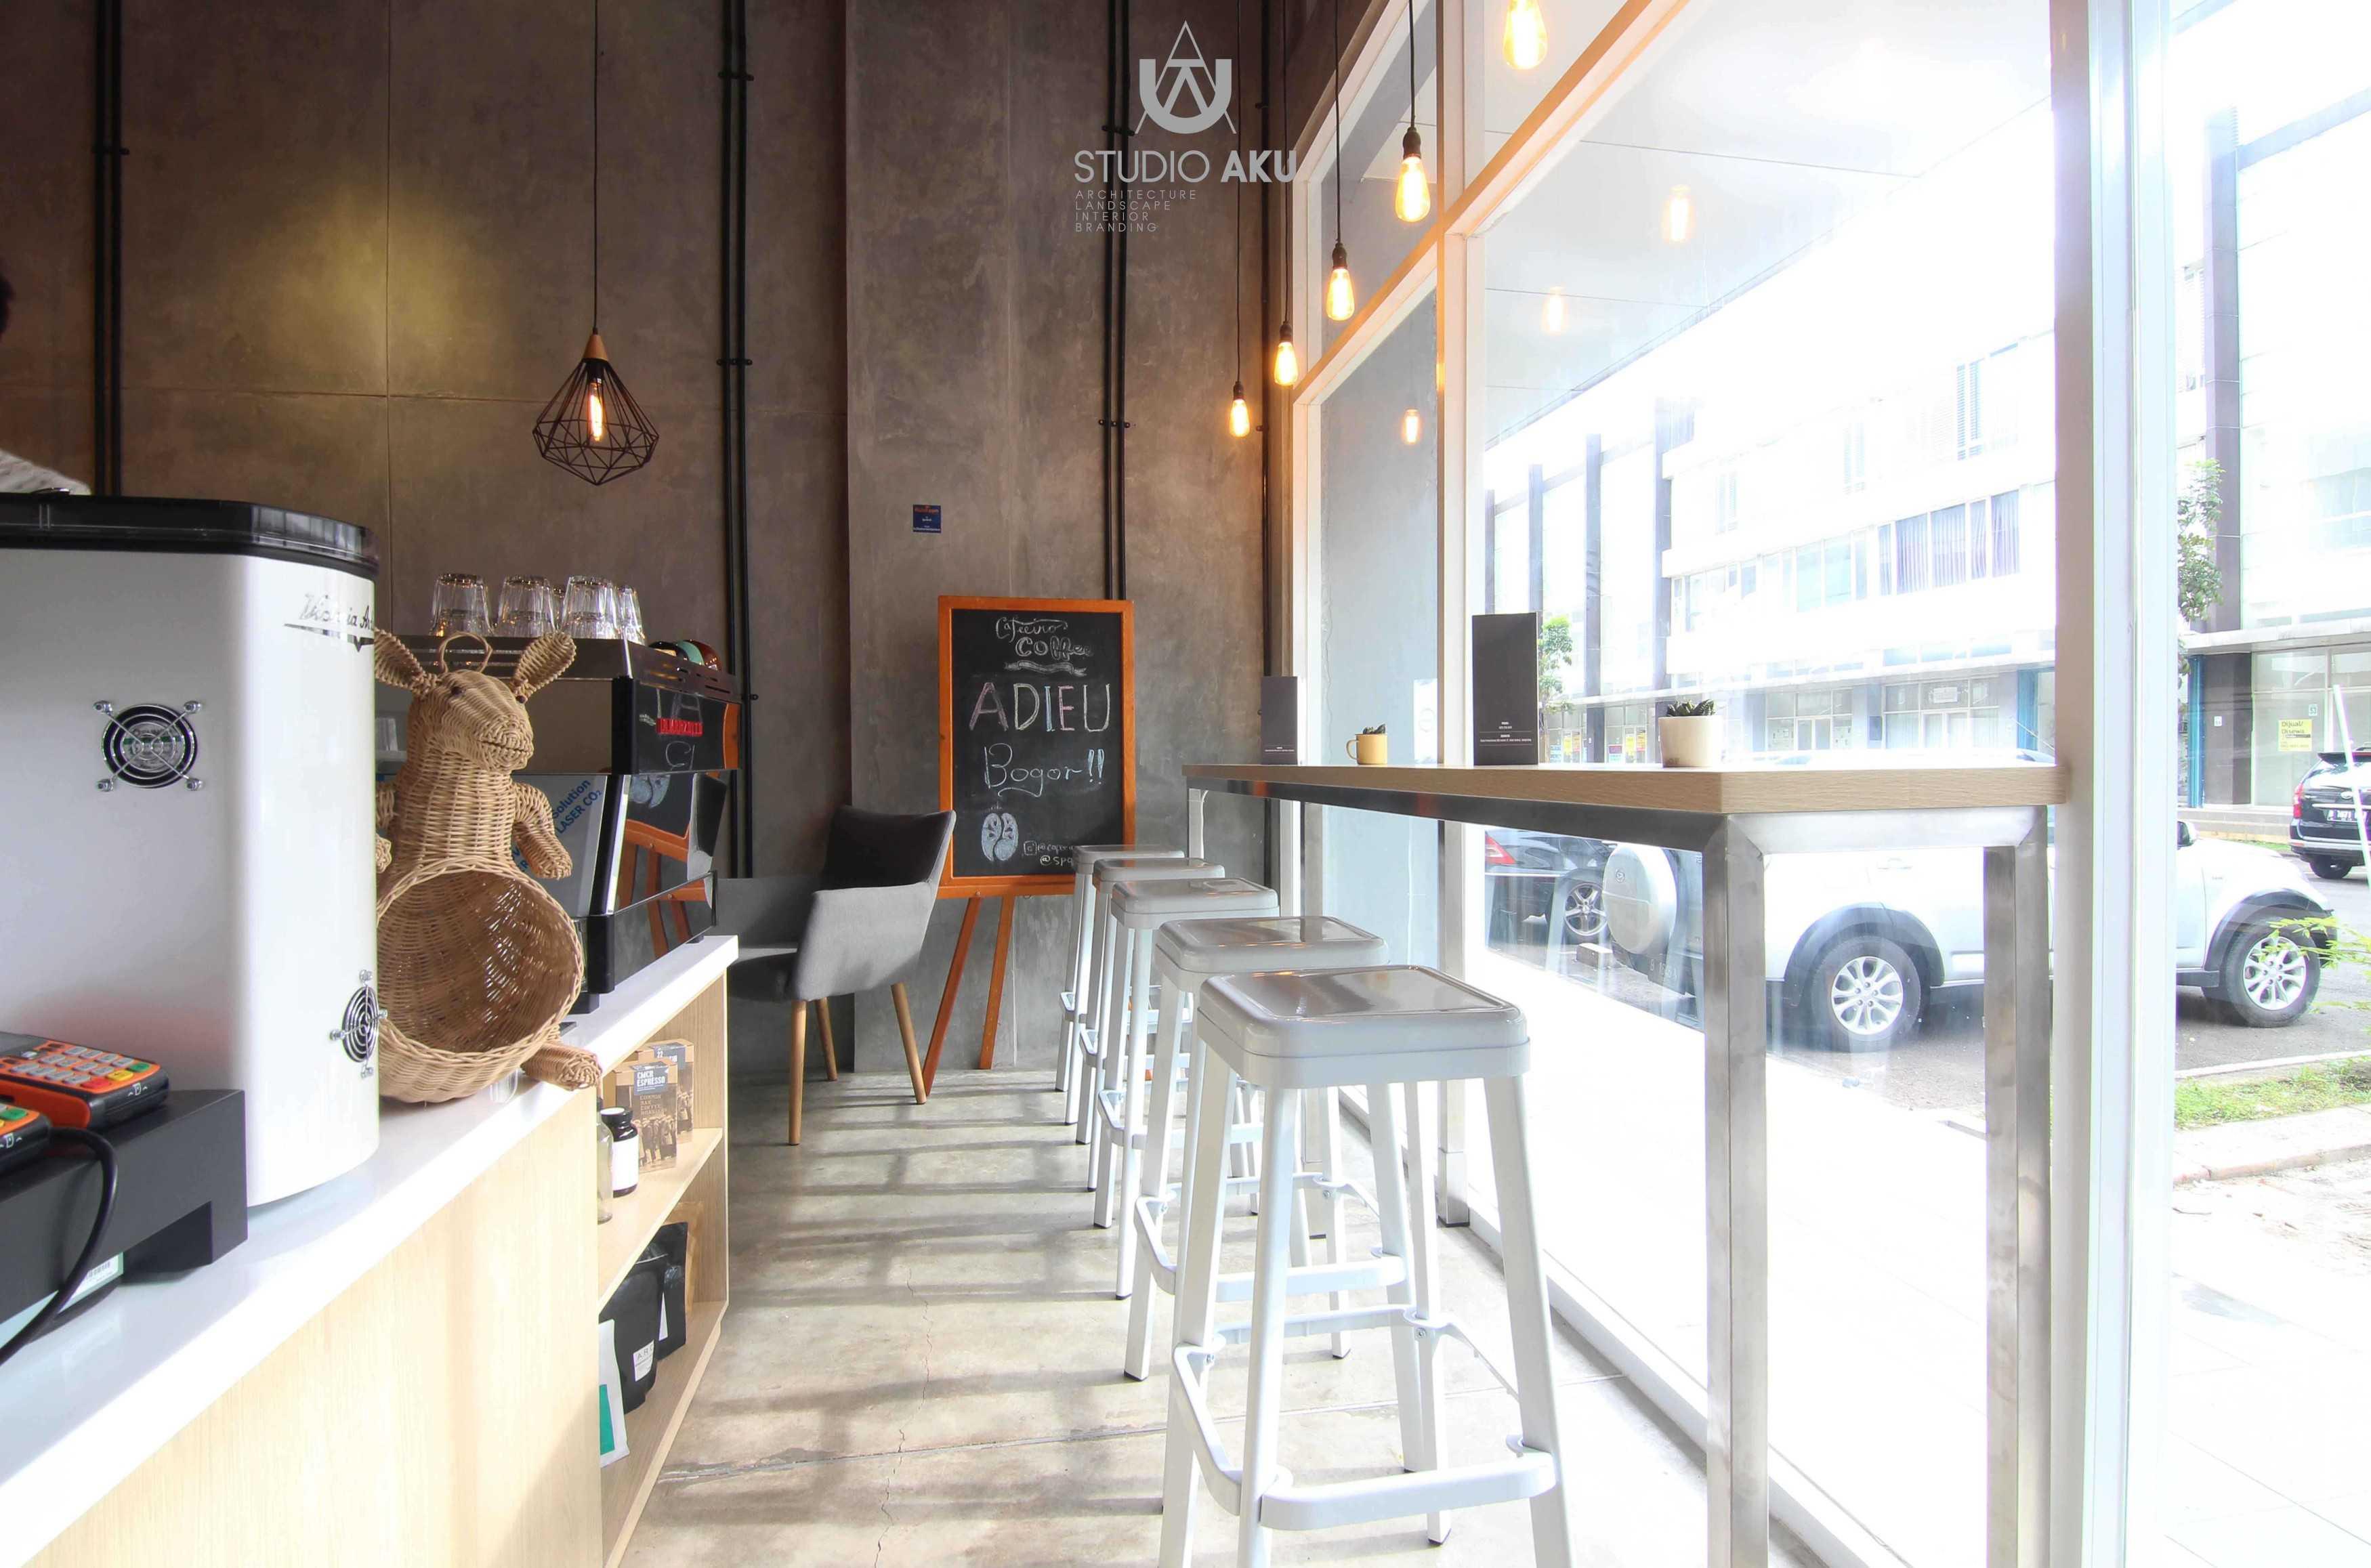 Studio Aku Spotten Alam Sutera, Ruko Prominence Alam Sutera, Ruko Prominence Dining Area Industrial  9316